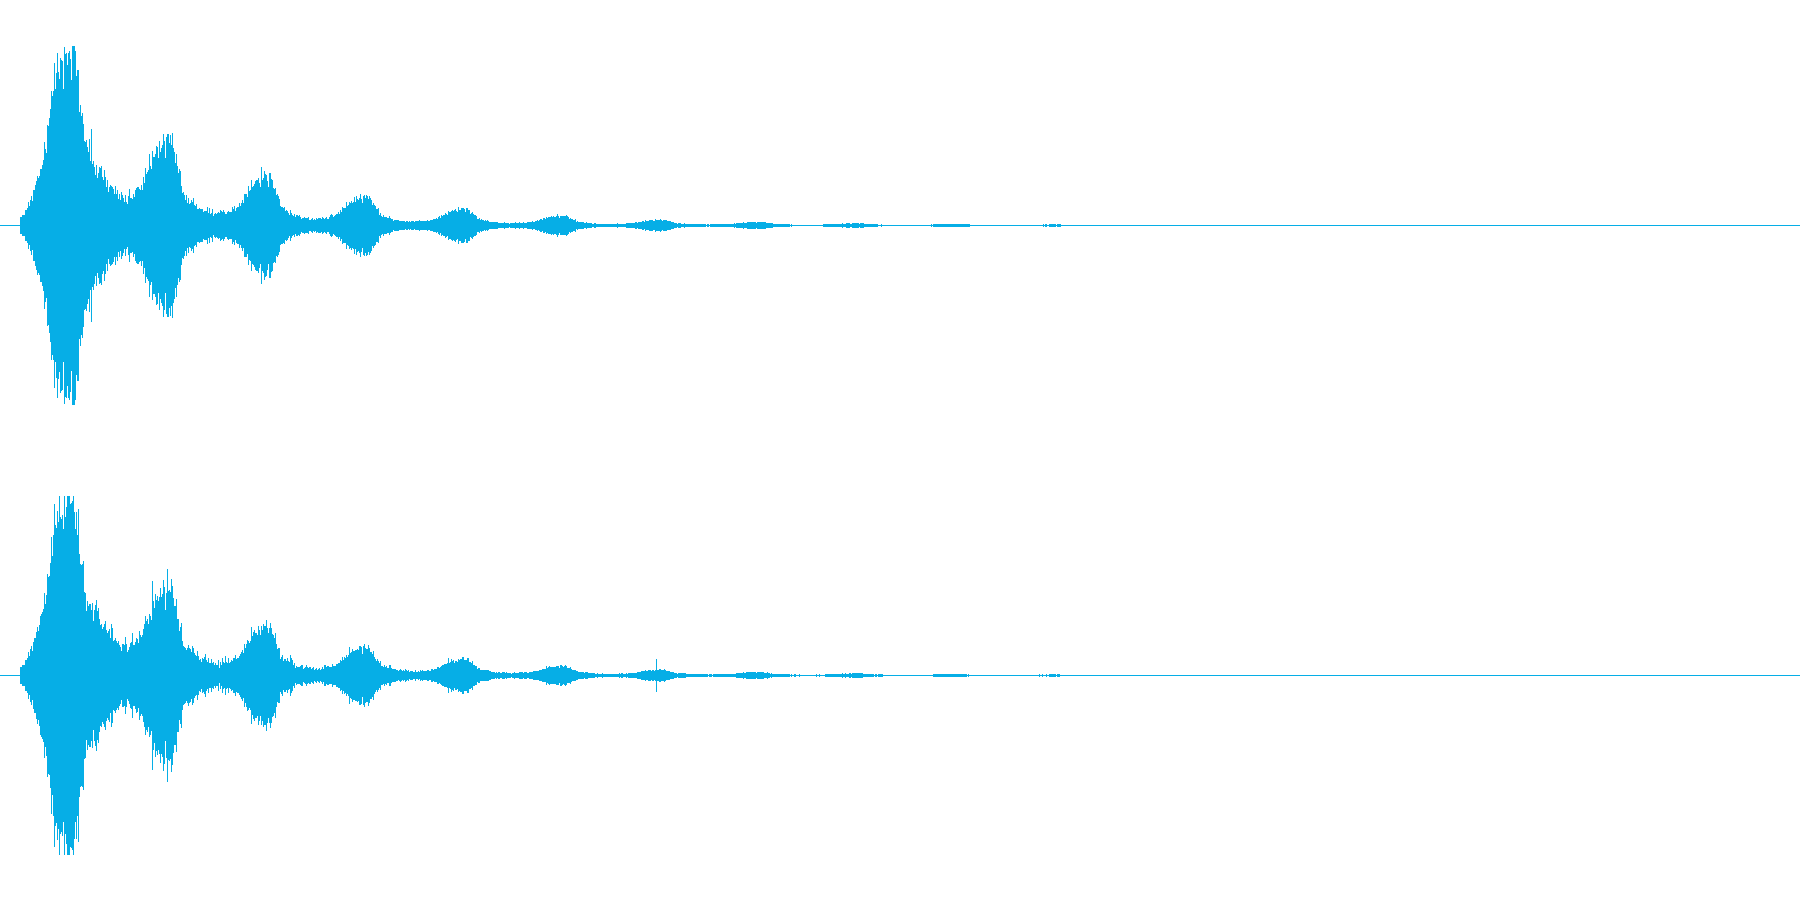 レーザー音-155-2の再生済みの波形